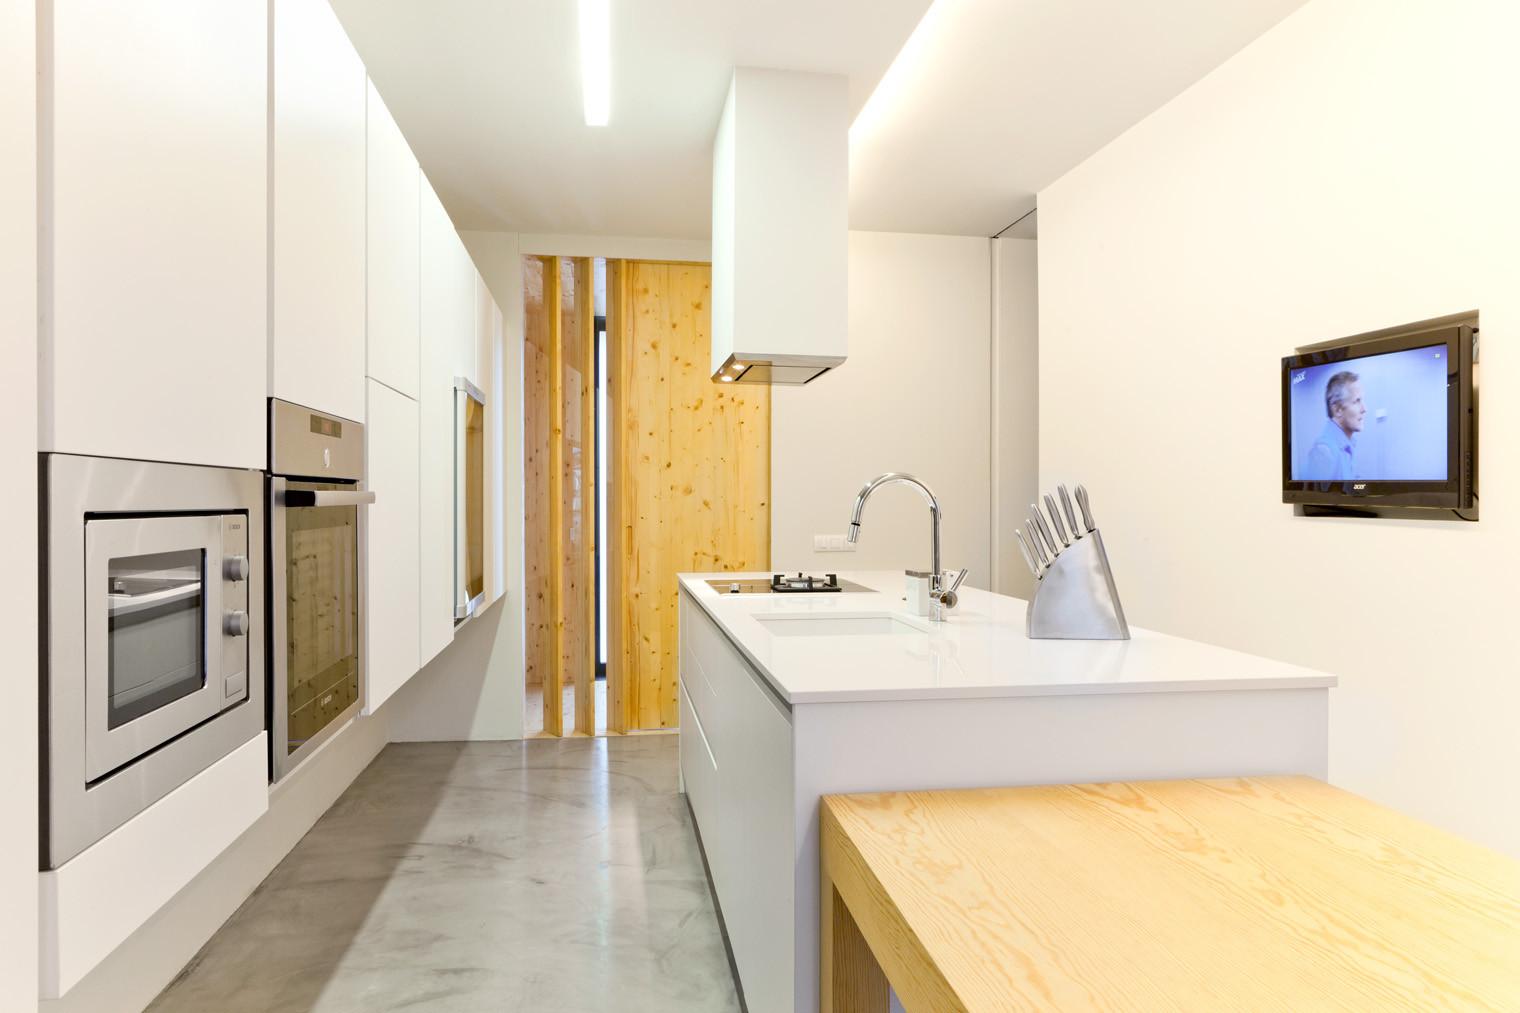 Galer a de cocinas arquitectura y ejemplos de dise o 2 - Arquitectura de diseno ...